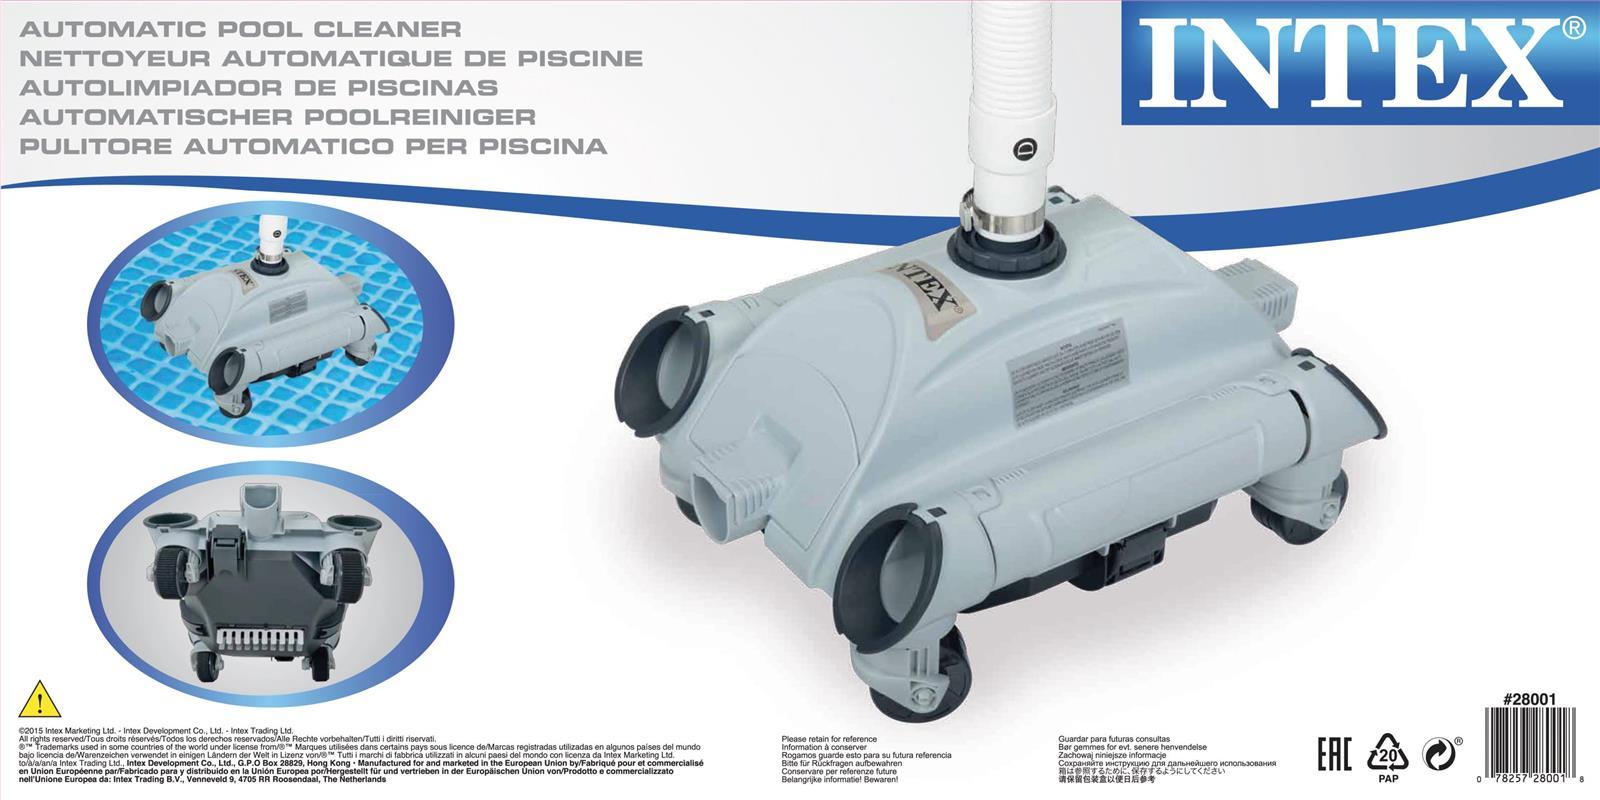 עדכון מעודכן אינטקס ישראל | רובוט לניקוי תחתית הבריכה ללא מאמץ | אביזרים לבריכה NV-39